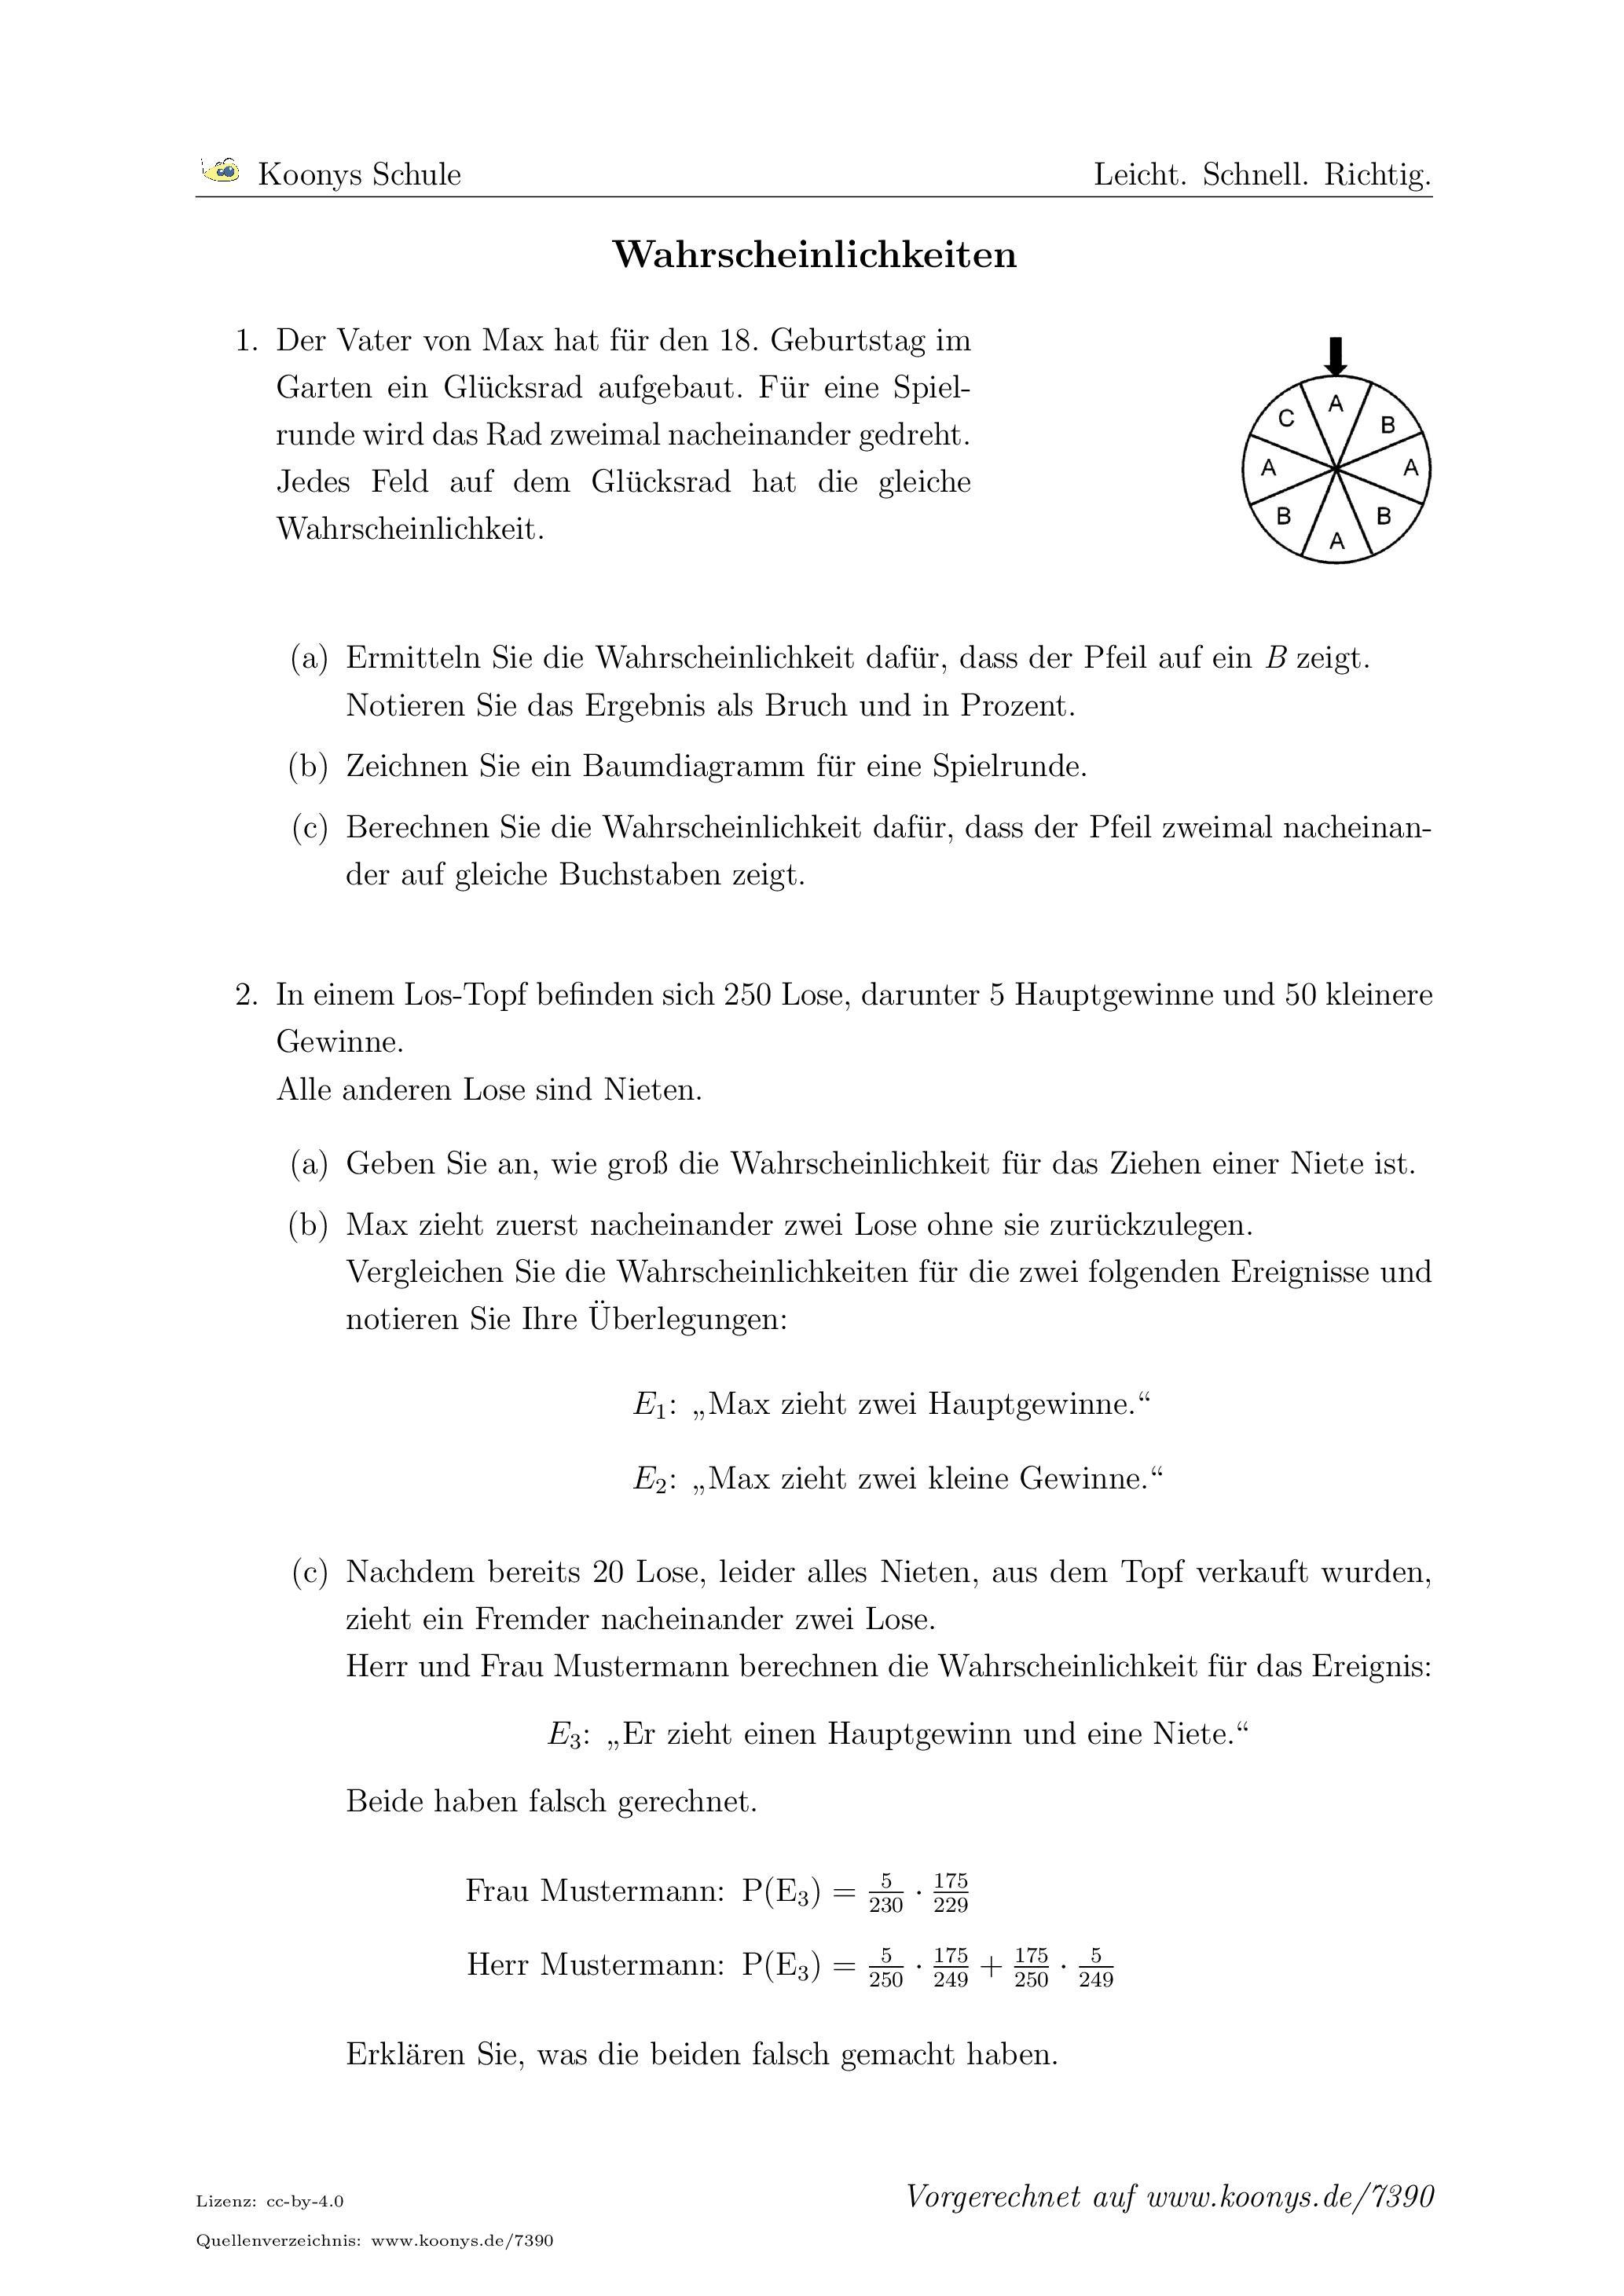 Aufgaben Wahrscheinlichkeiten mit Lösungen   Koonys Schule #7390